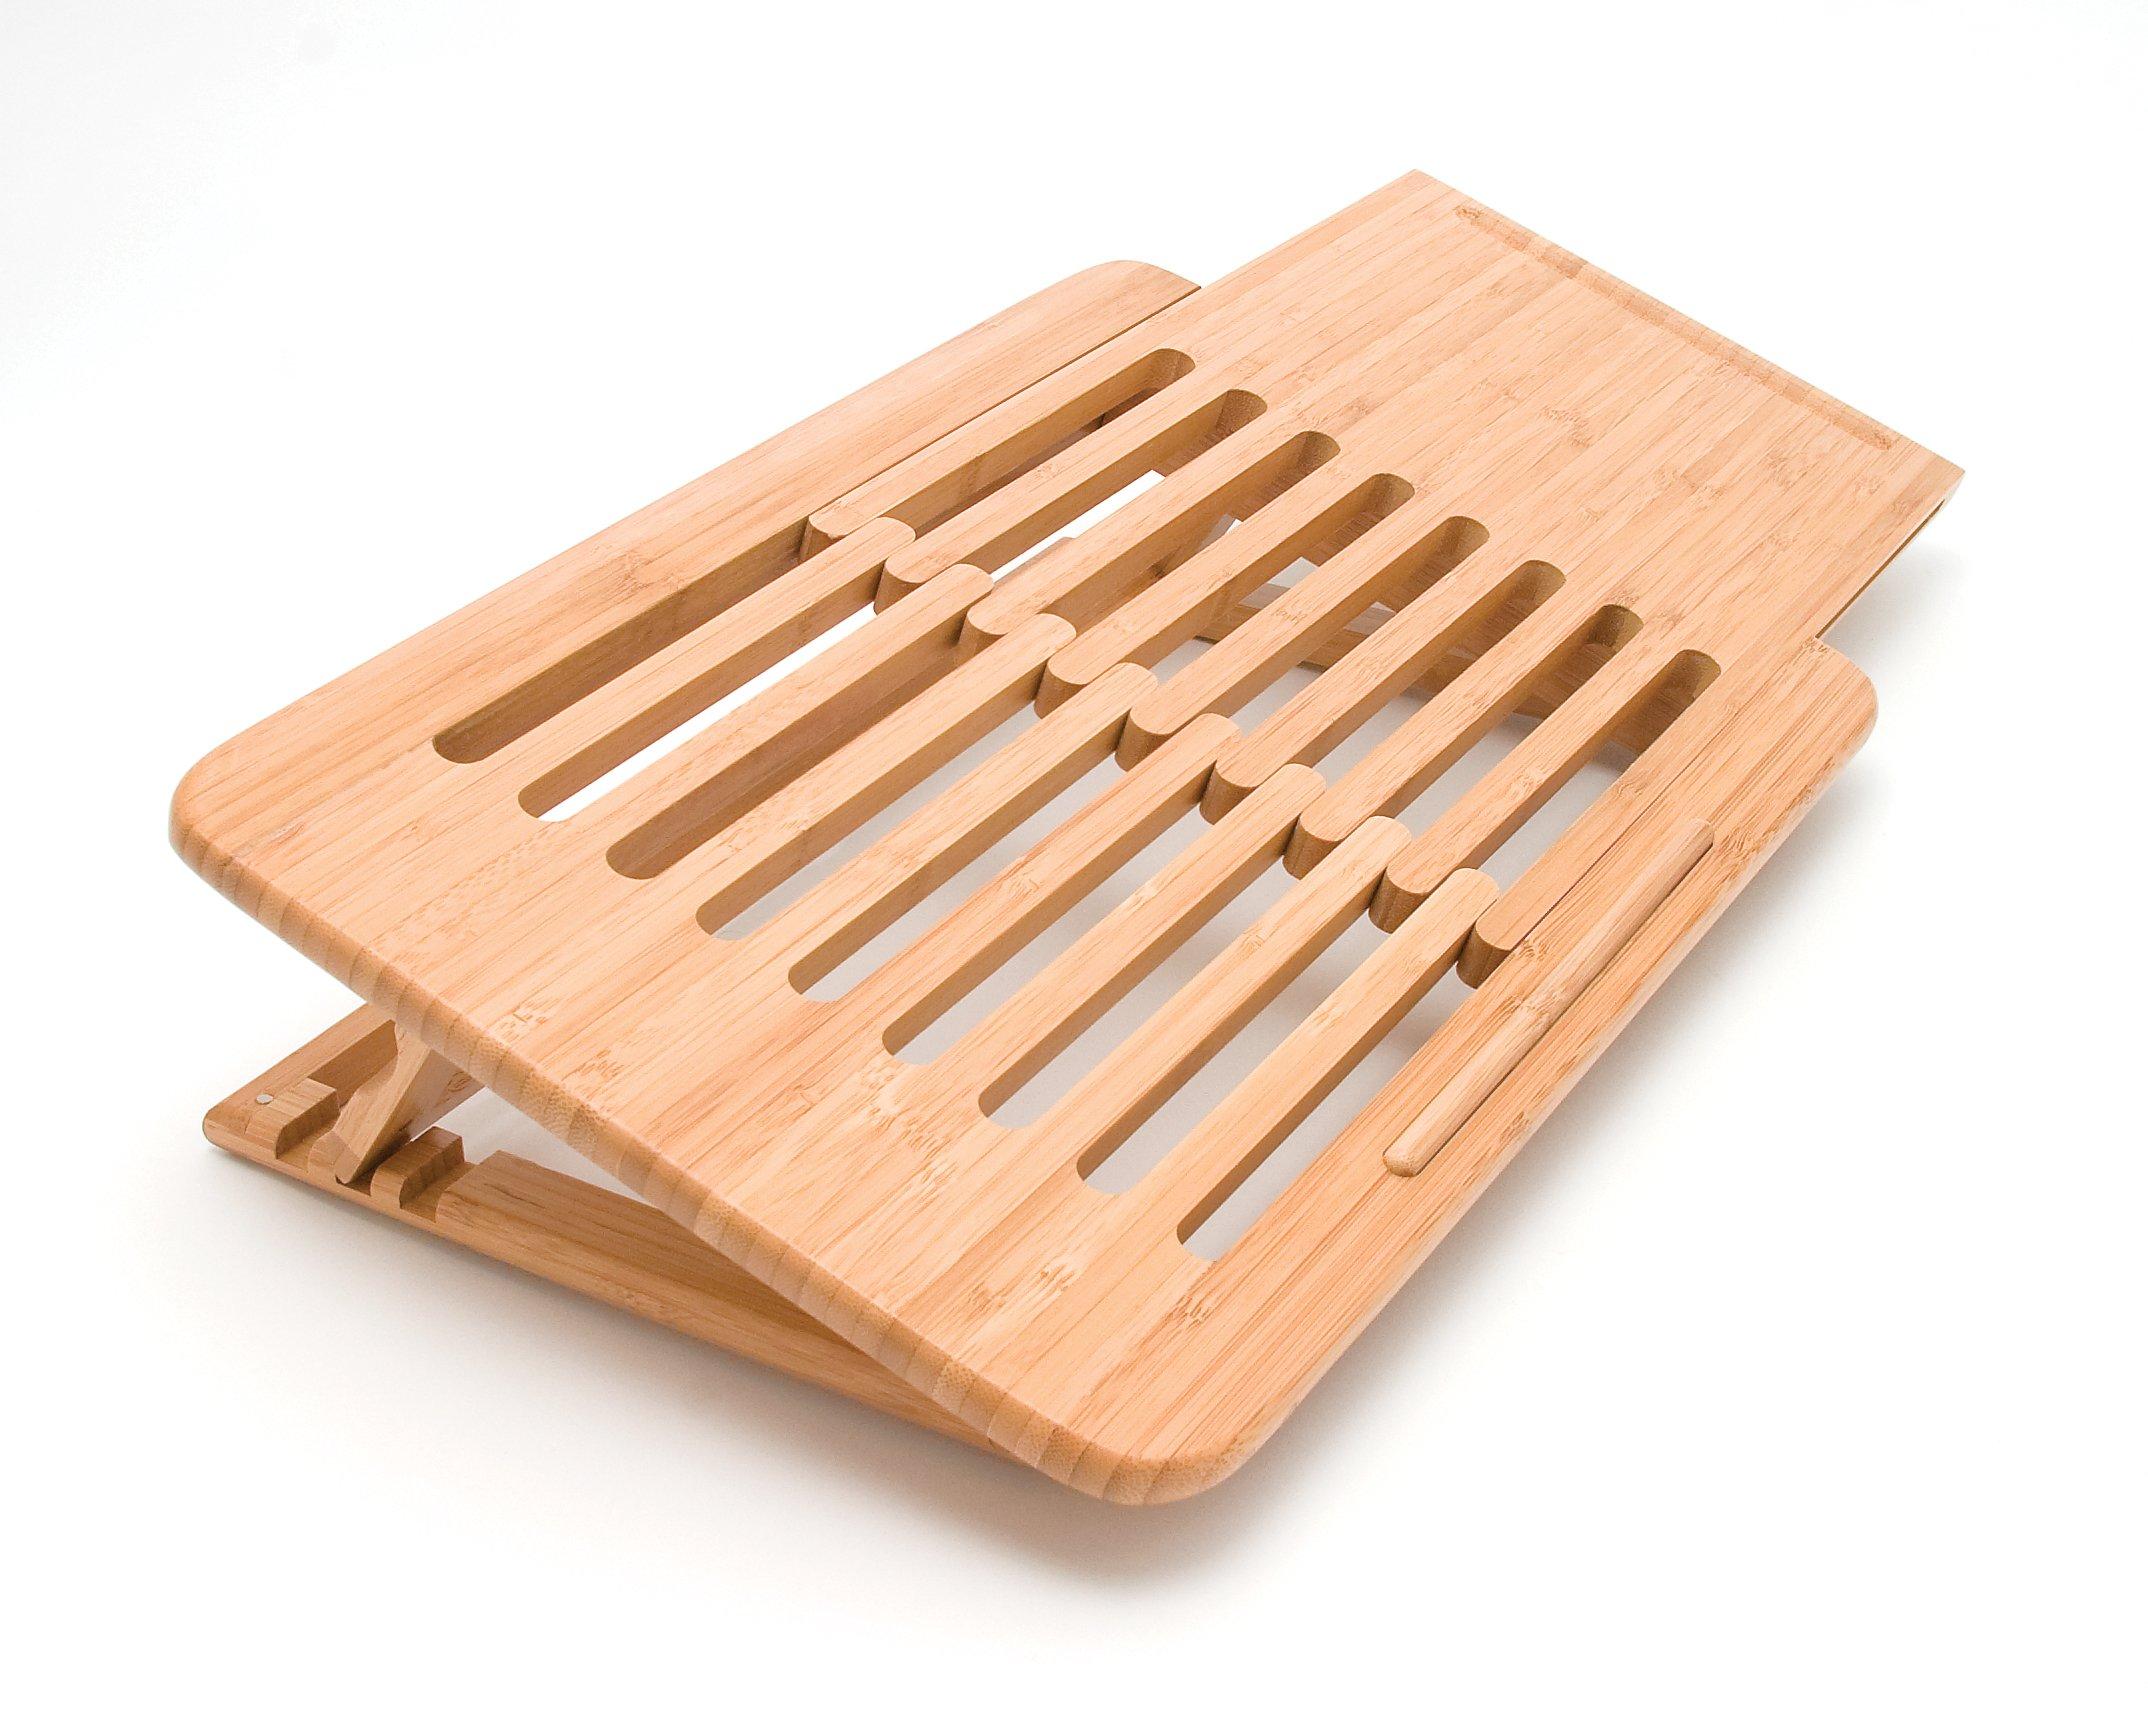 Lipper International 1888 Bamboo Wood Expandable Laptop Stand, Slatted by Lipper International (Image #1)